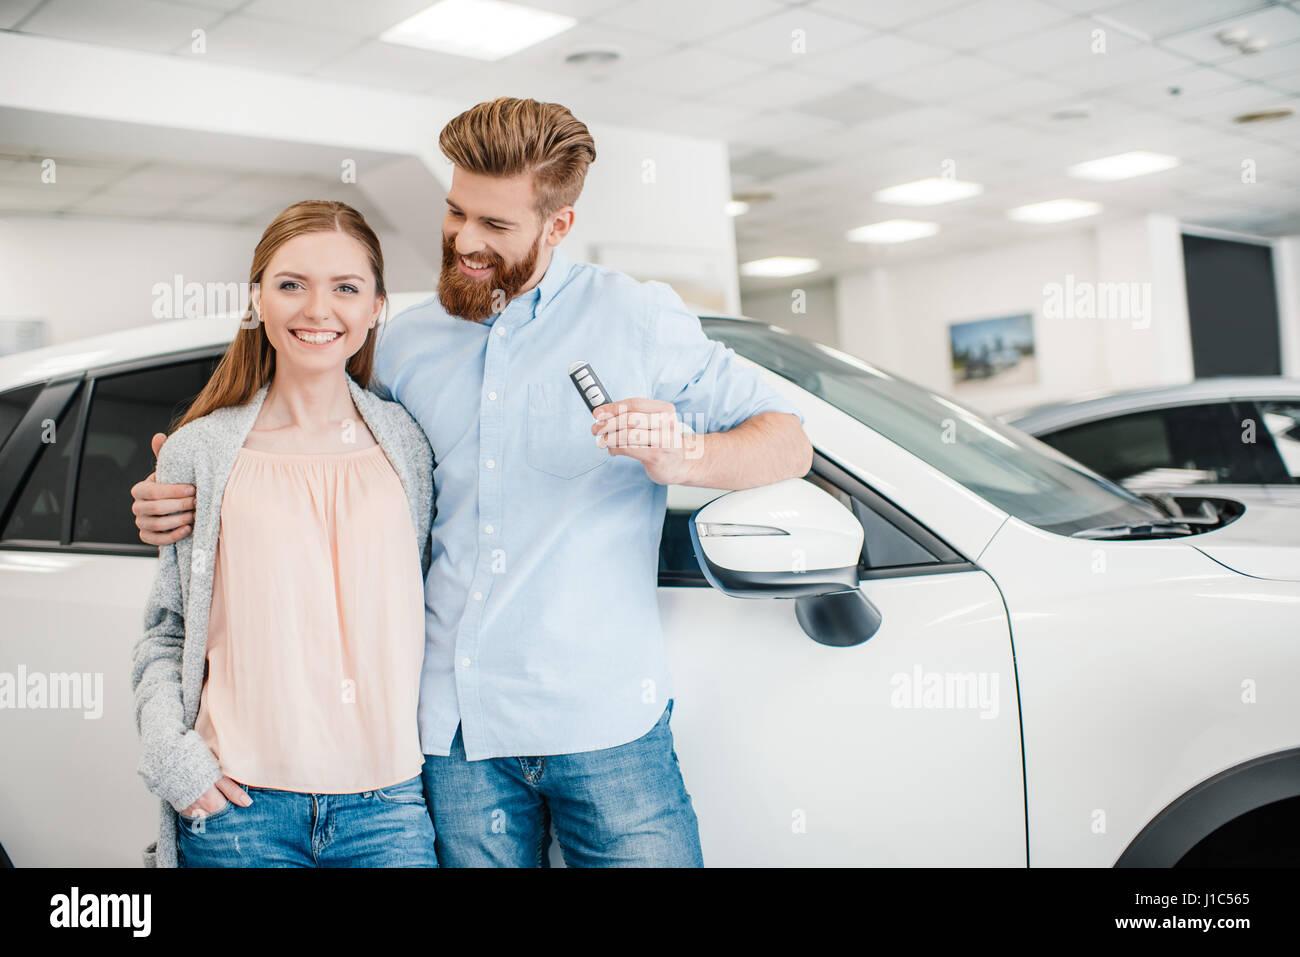 Gluckliches Paar Auto Taste Gedruckt Halten Und Am Auto Im Autohaus